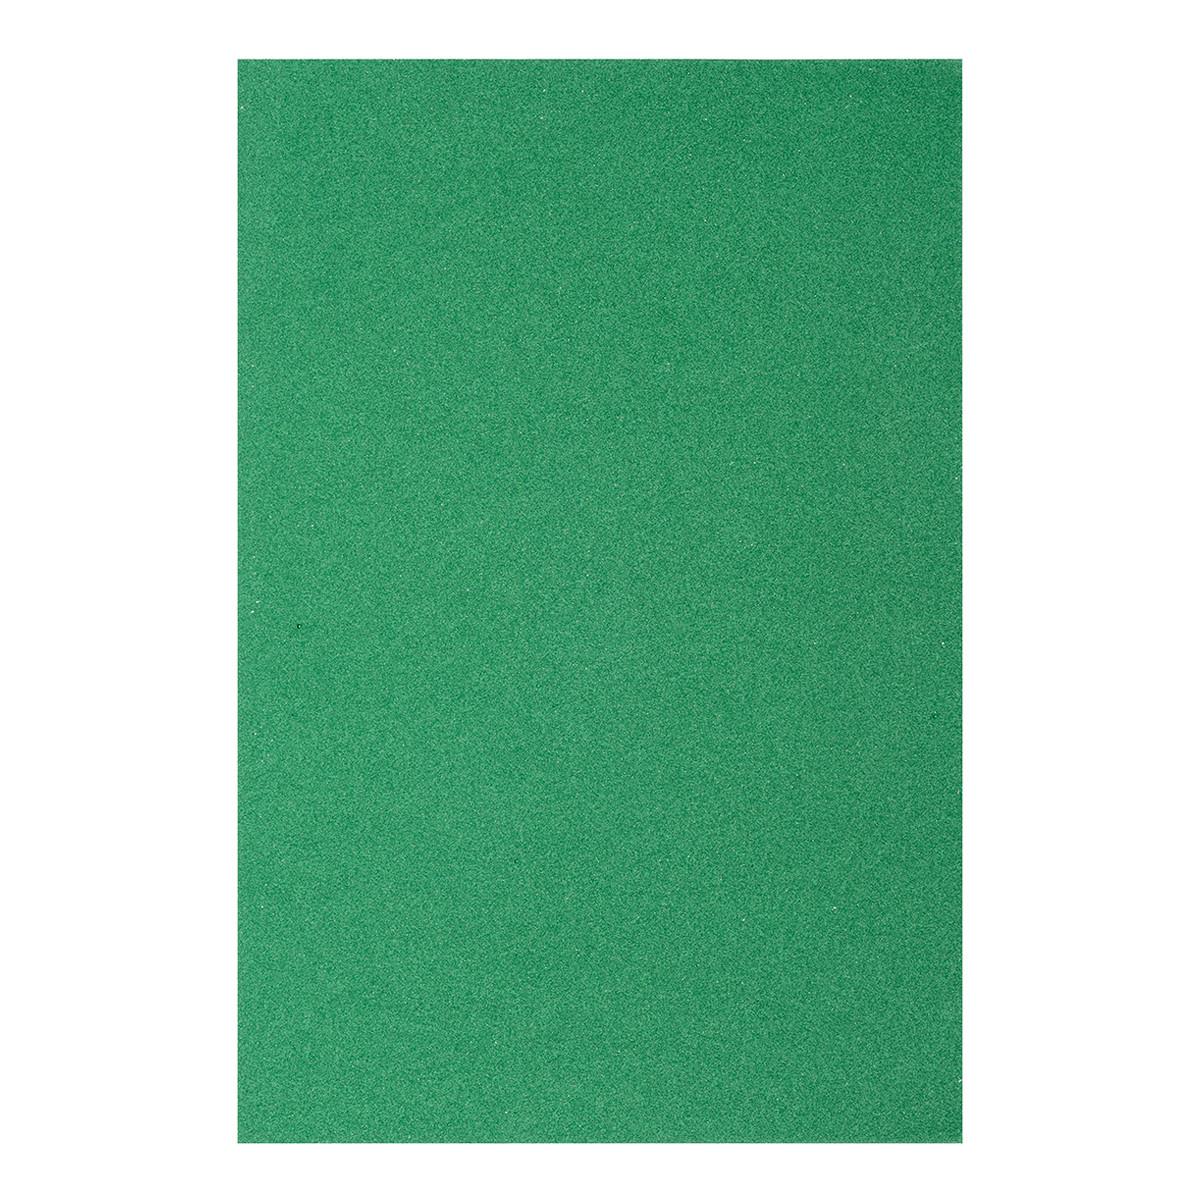 Фоамиран ЕВА зелений, з клейовим шаром, 200*300 мм, товщина 1,7 мм, 10 листів